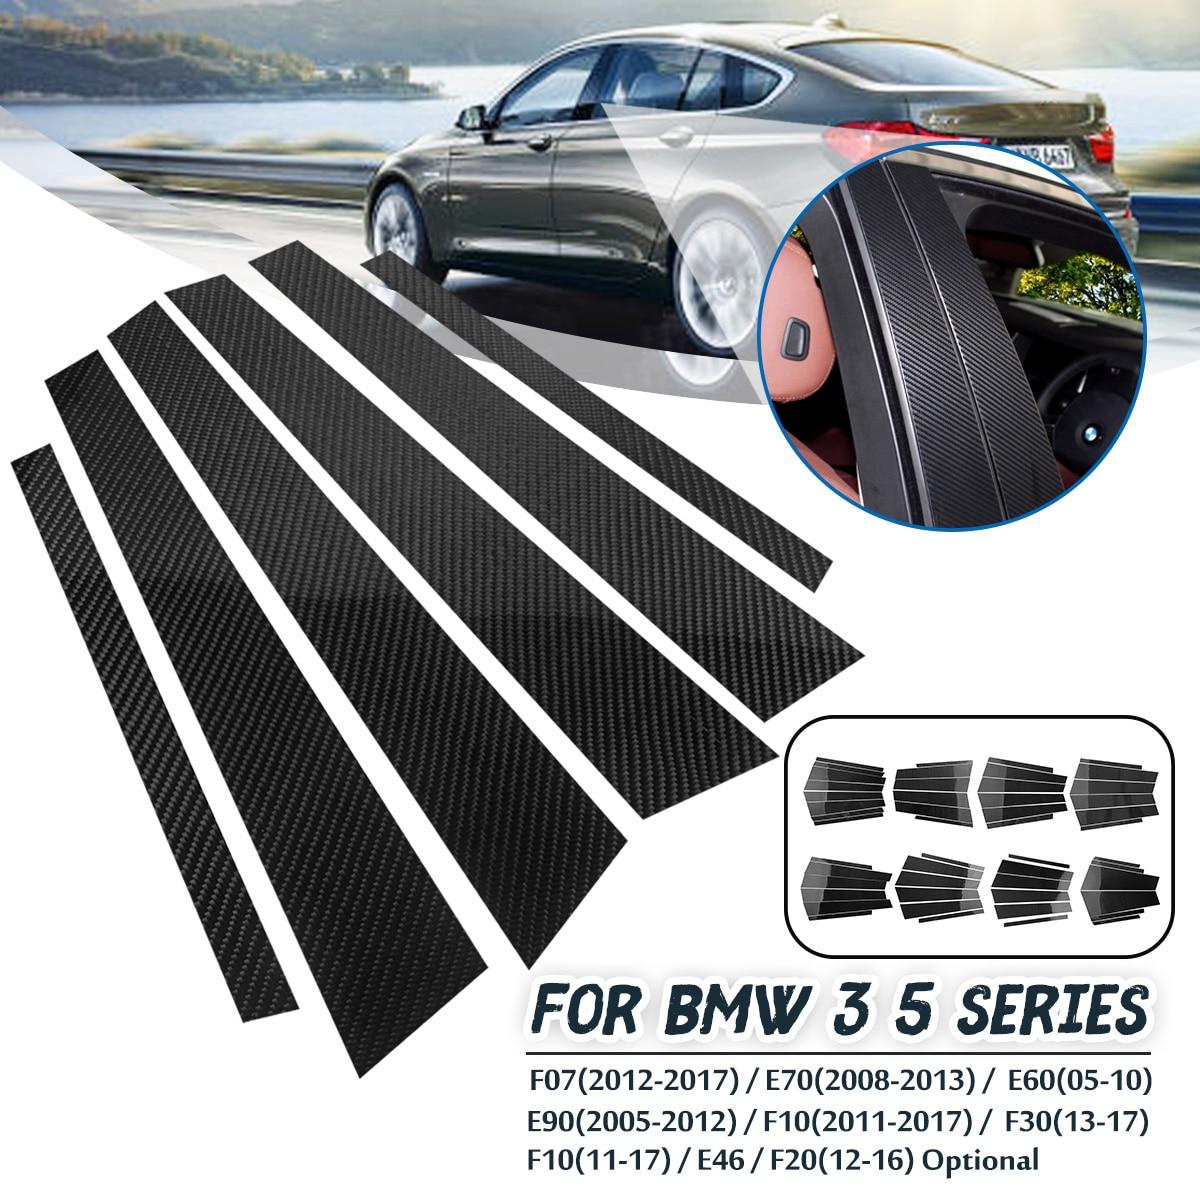 Fenêtre de voiture b-piliers moulage garniture en Fiber de carbone autocollants pour BMW 3 5 série F07 E70 E90 F10 E60 F30 F10 E46 F20 style de voiture